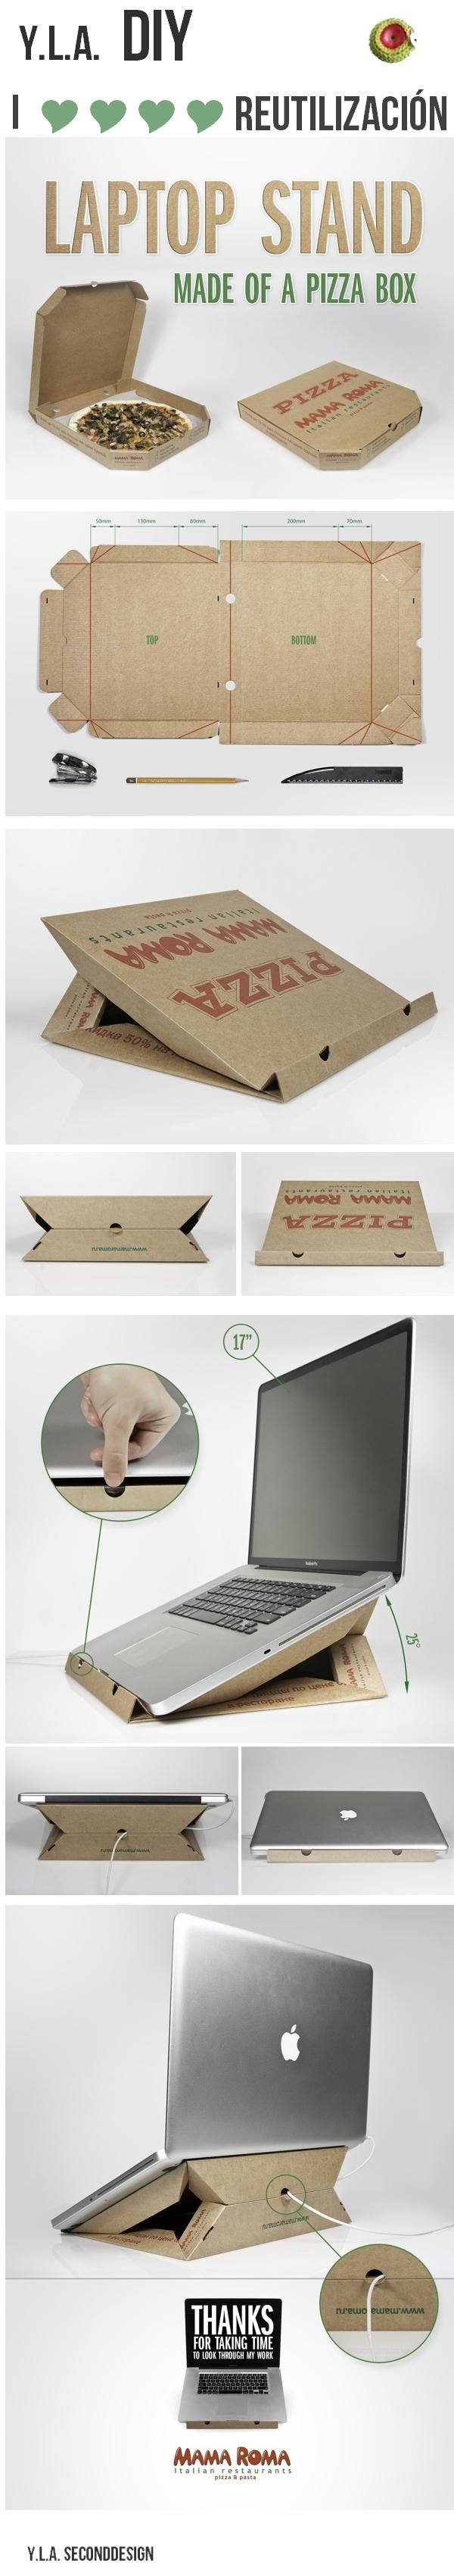 caja_pizza_reutilizada